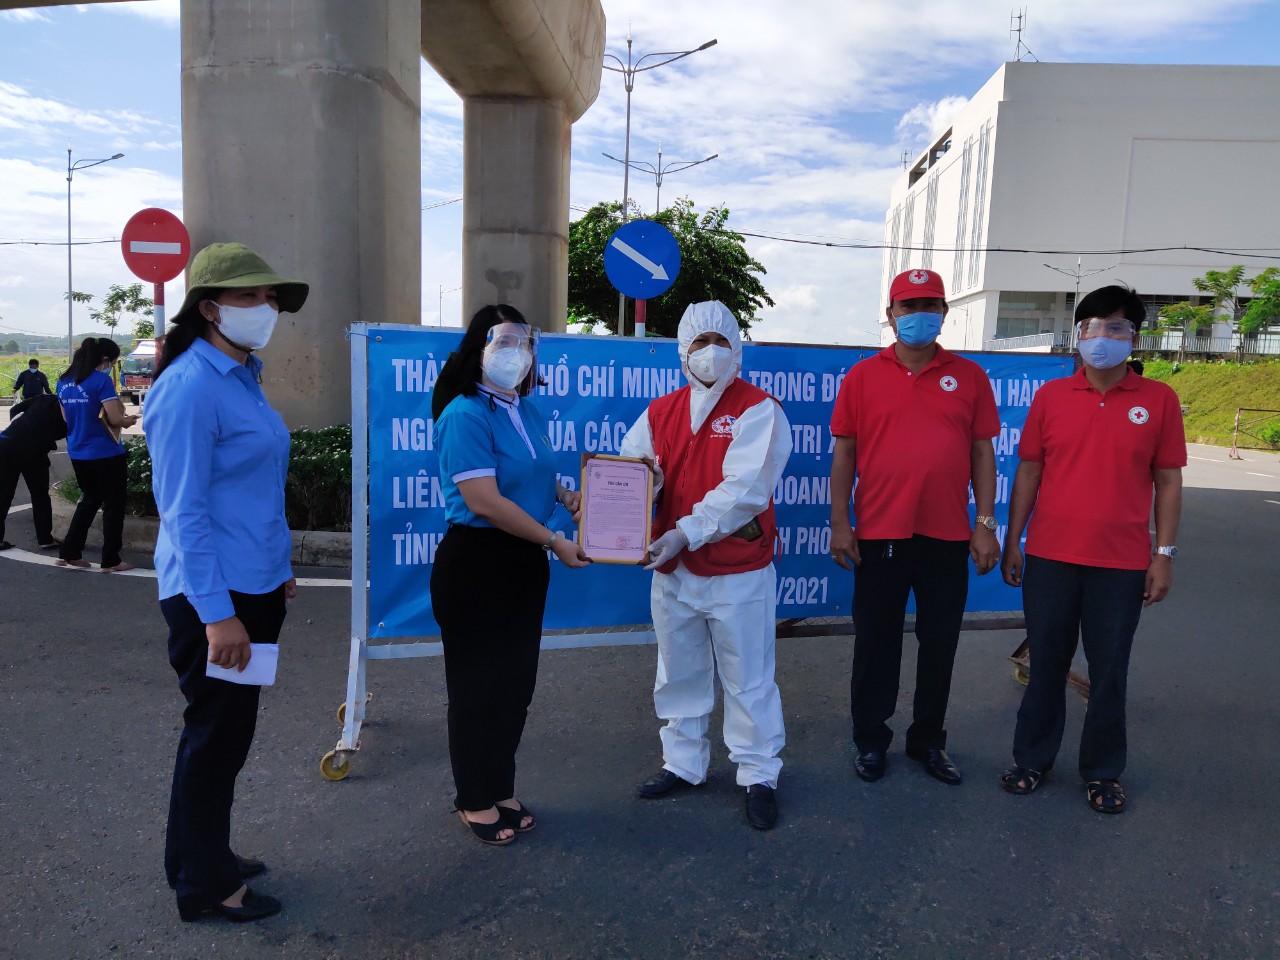 Bà Trần Thị Huyền Thanh - Phó Chủ tịch Hội LHPN TP - đại diện các đoàn thể, tổ chức chính trị TP. HCM gởi thư cảm ơn đến các tổ chức đoàn thể tỉnh Bắc Giang